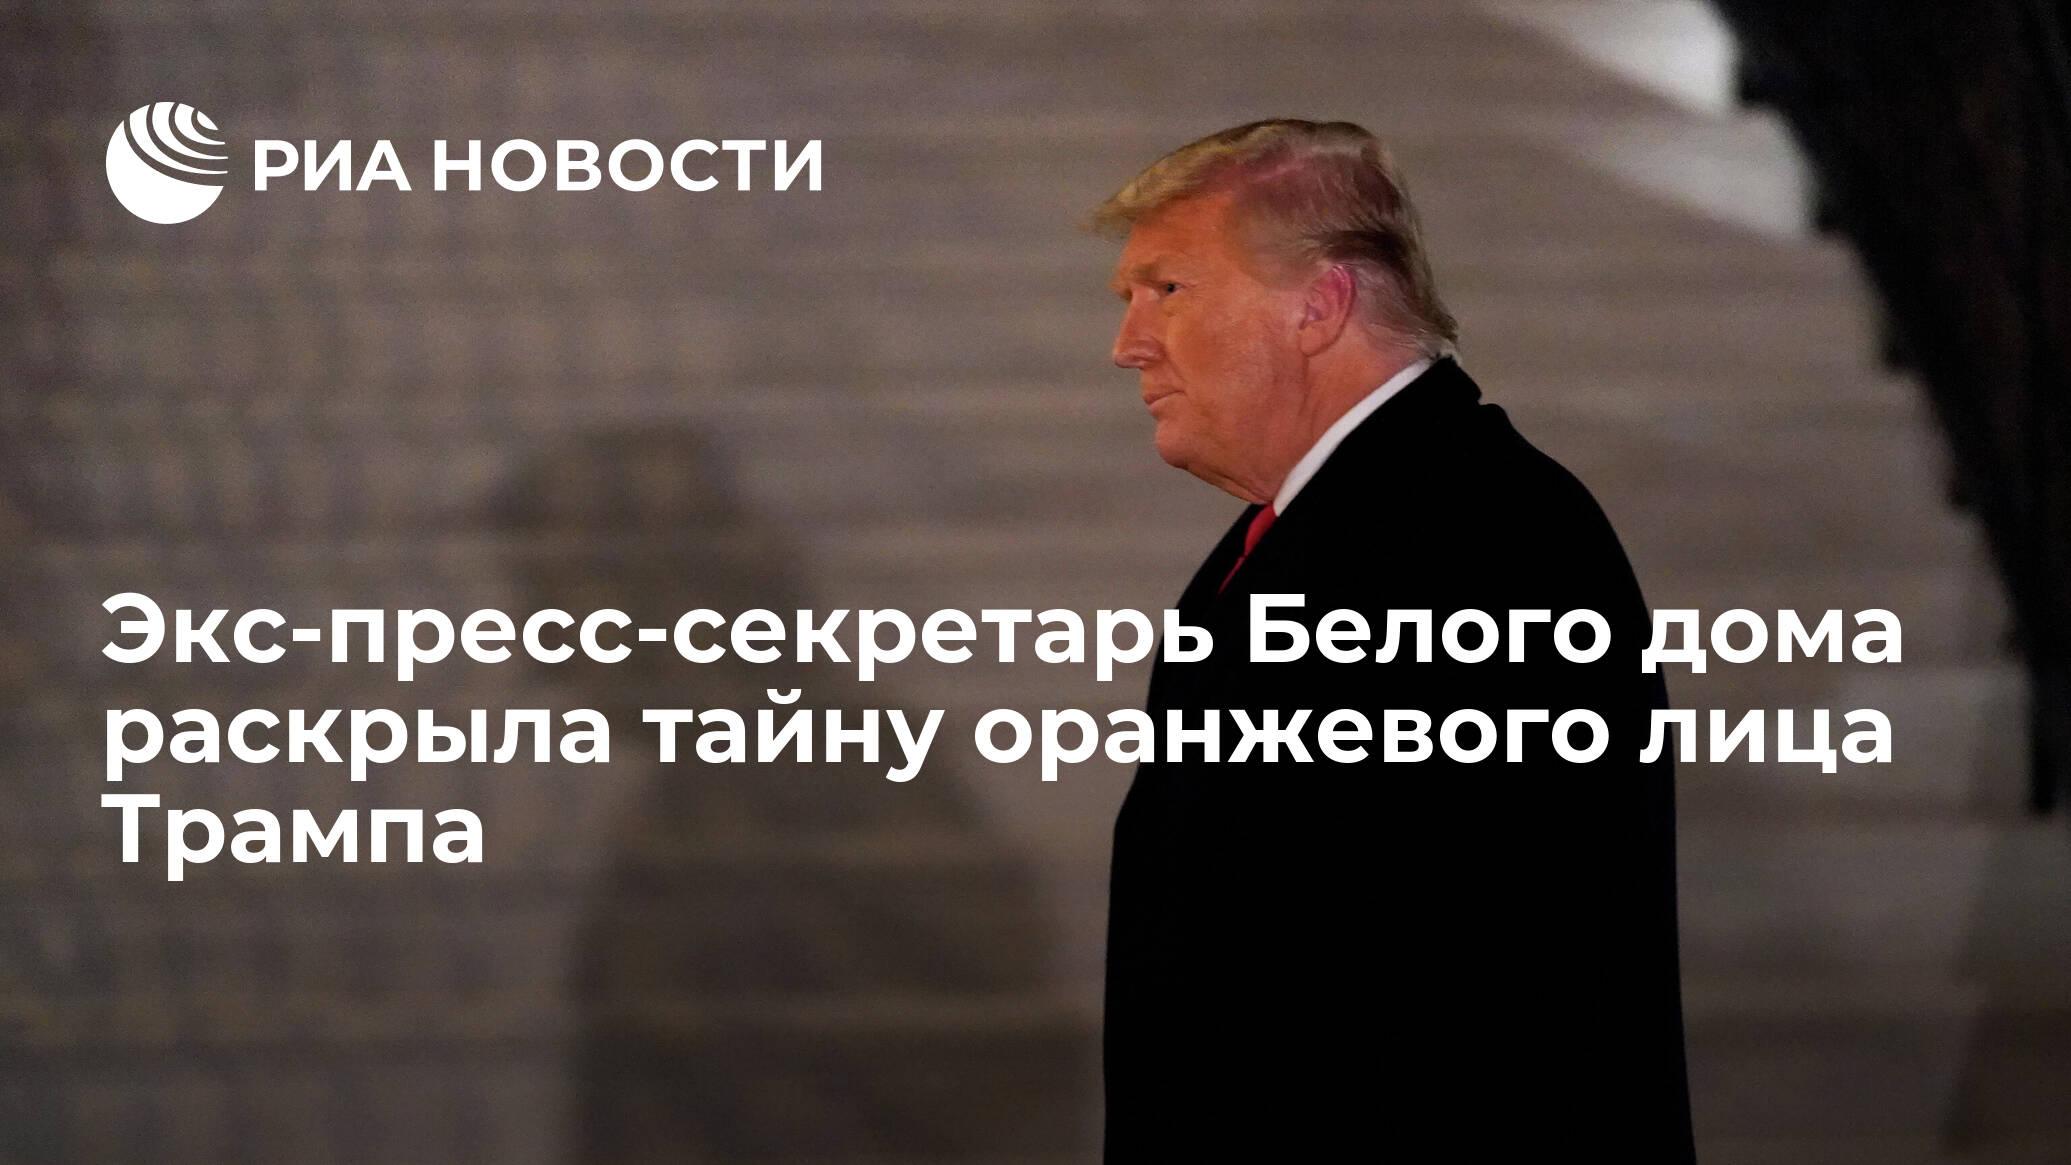 Экс-пресс-секретарь Белого дома раскрыла тайну оранжевого лица Трампа